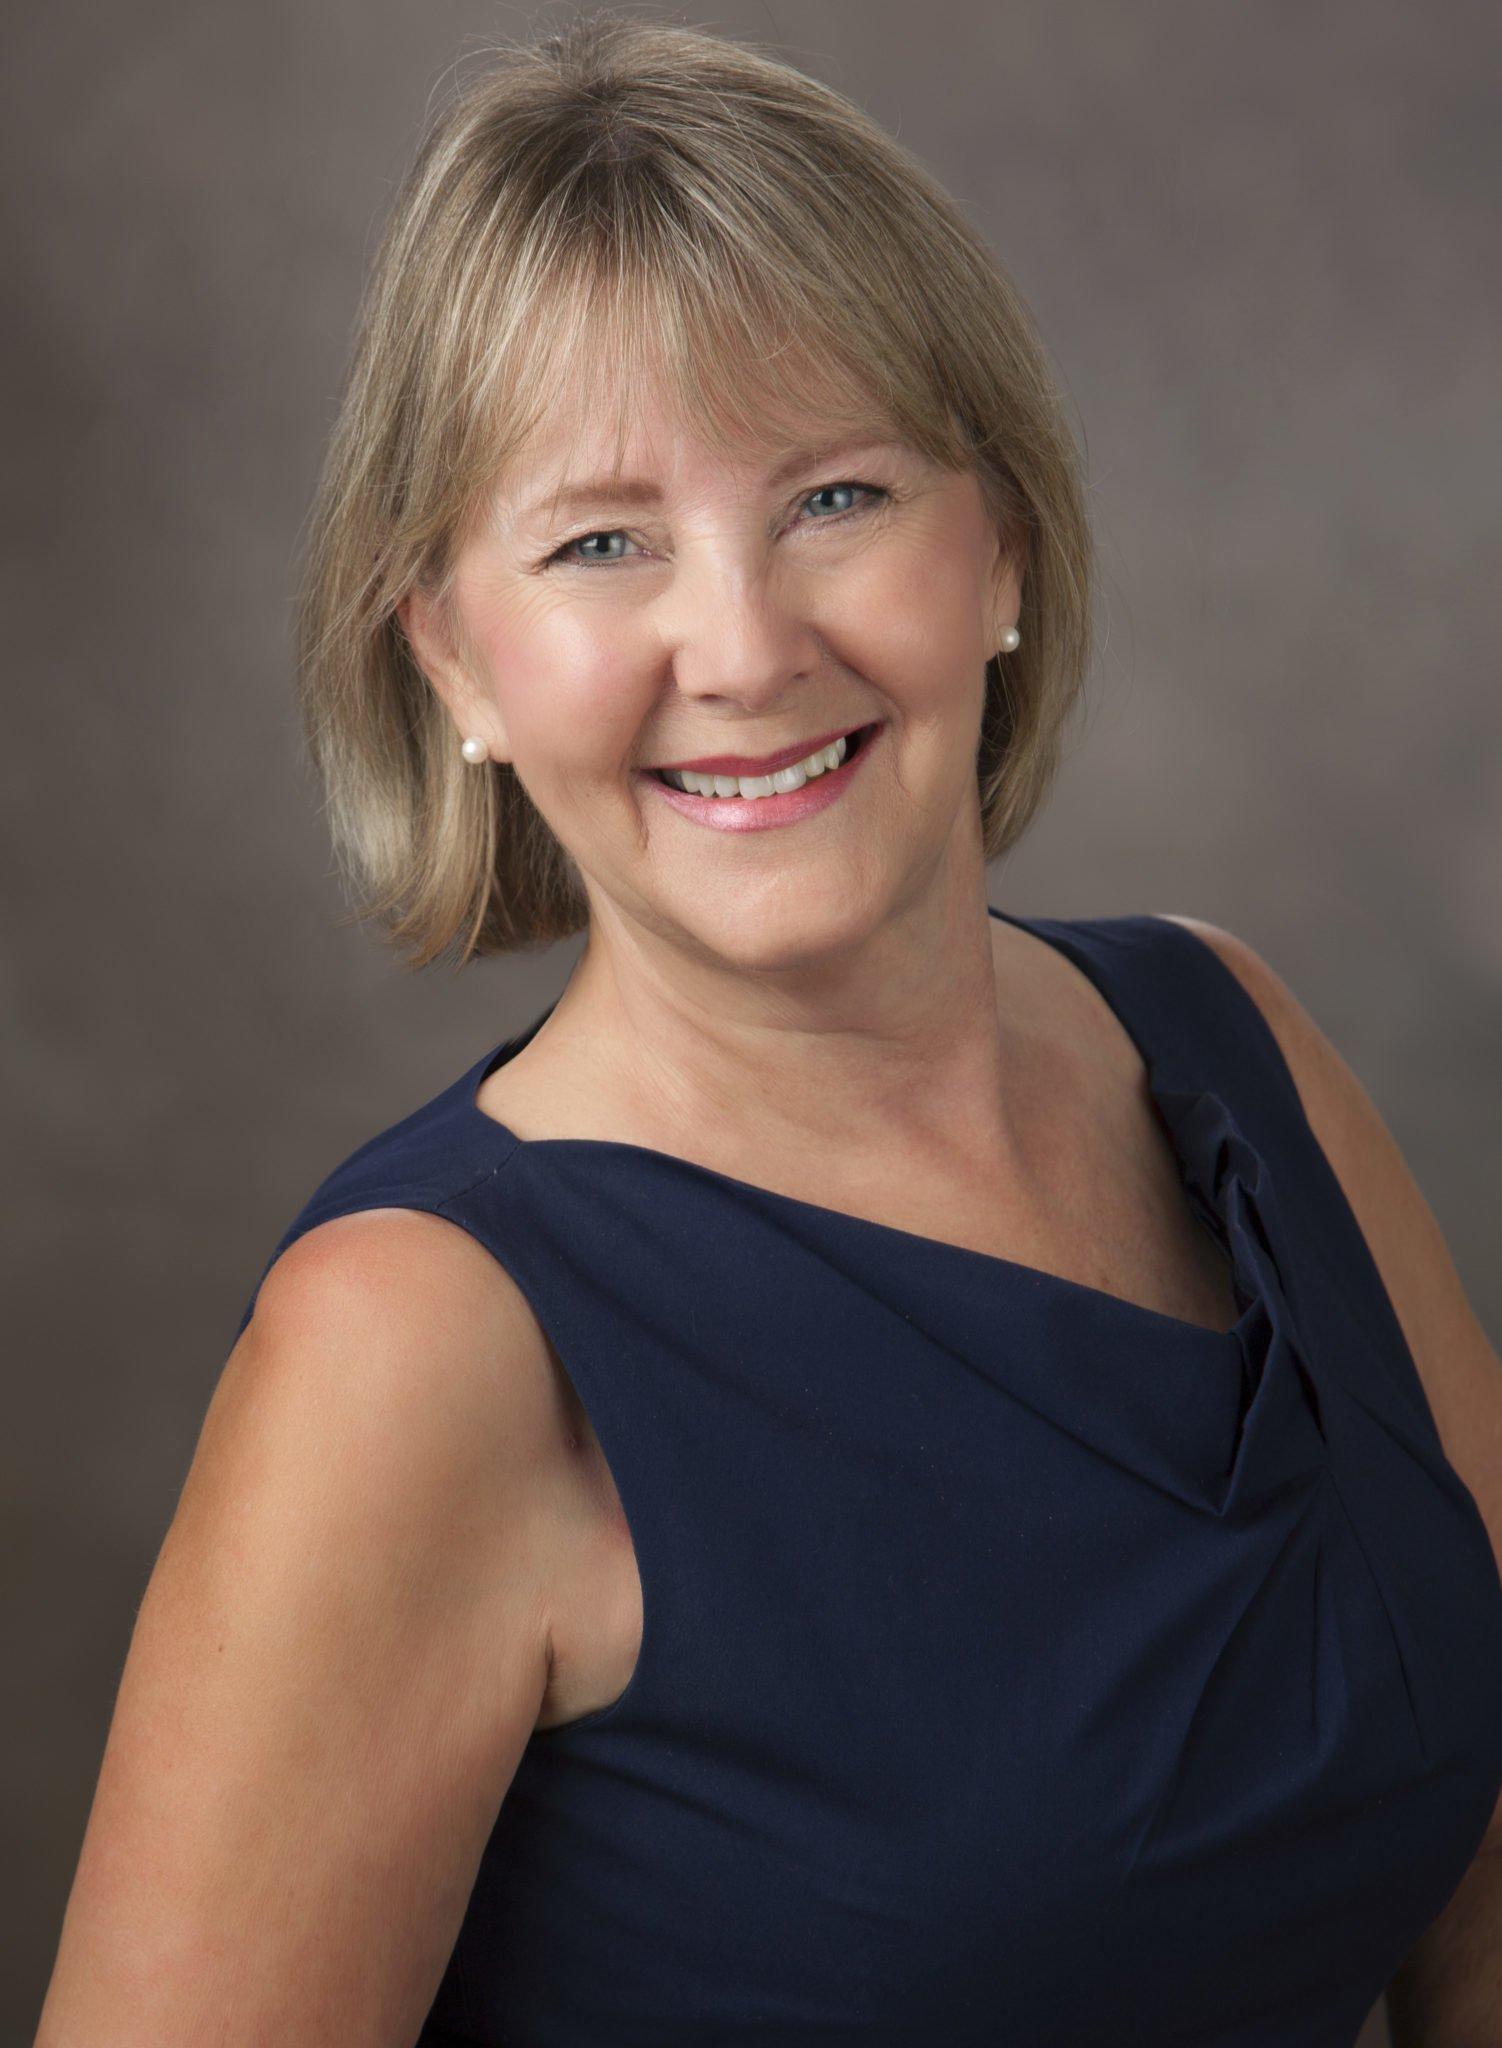 Linda Caron